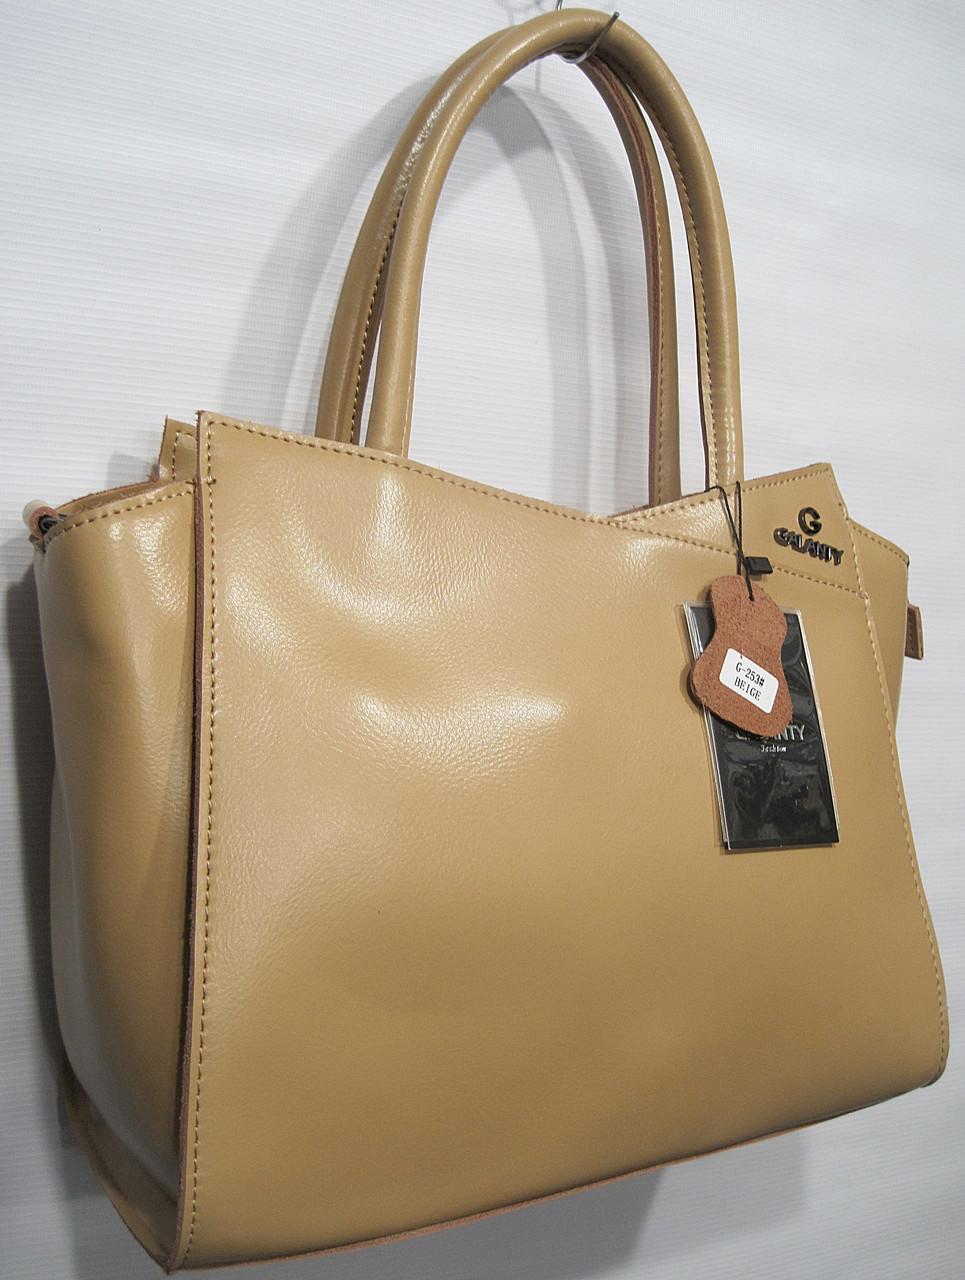 7a293c2708fb женская кожаная сумка 253 женские сумки из натуральной кожи купить